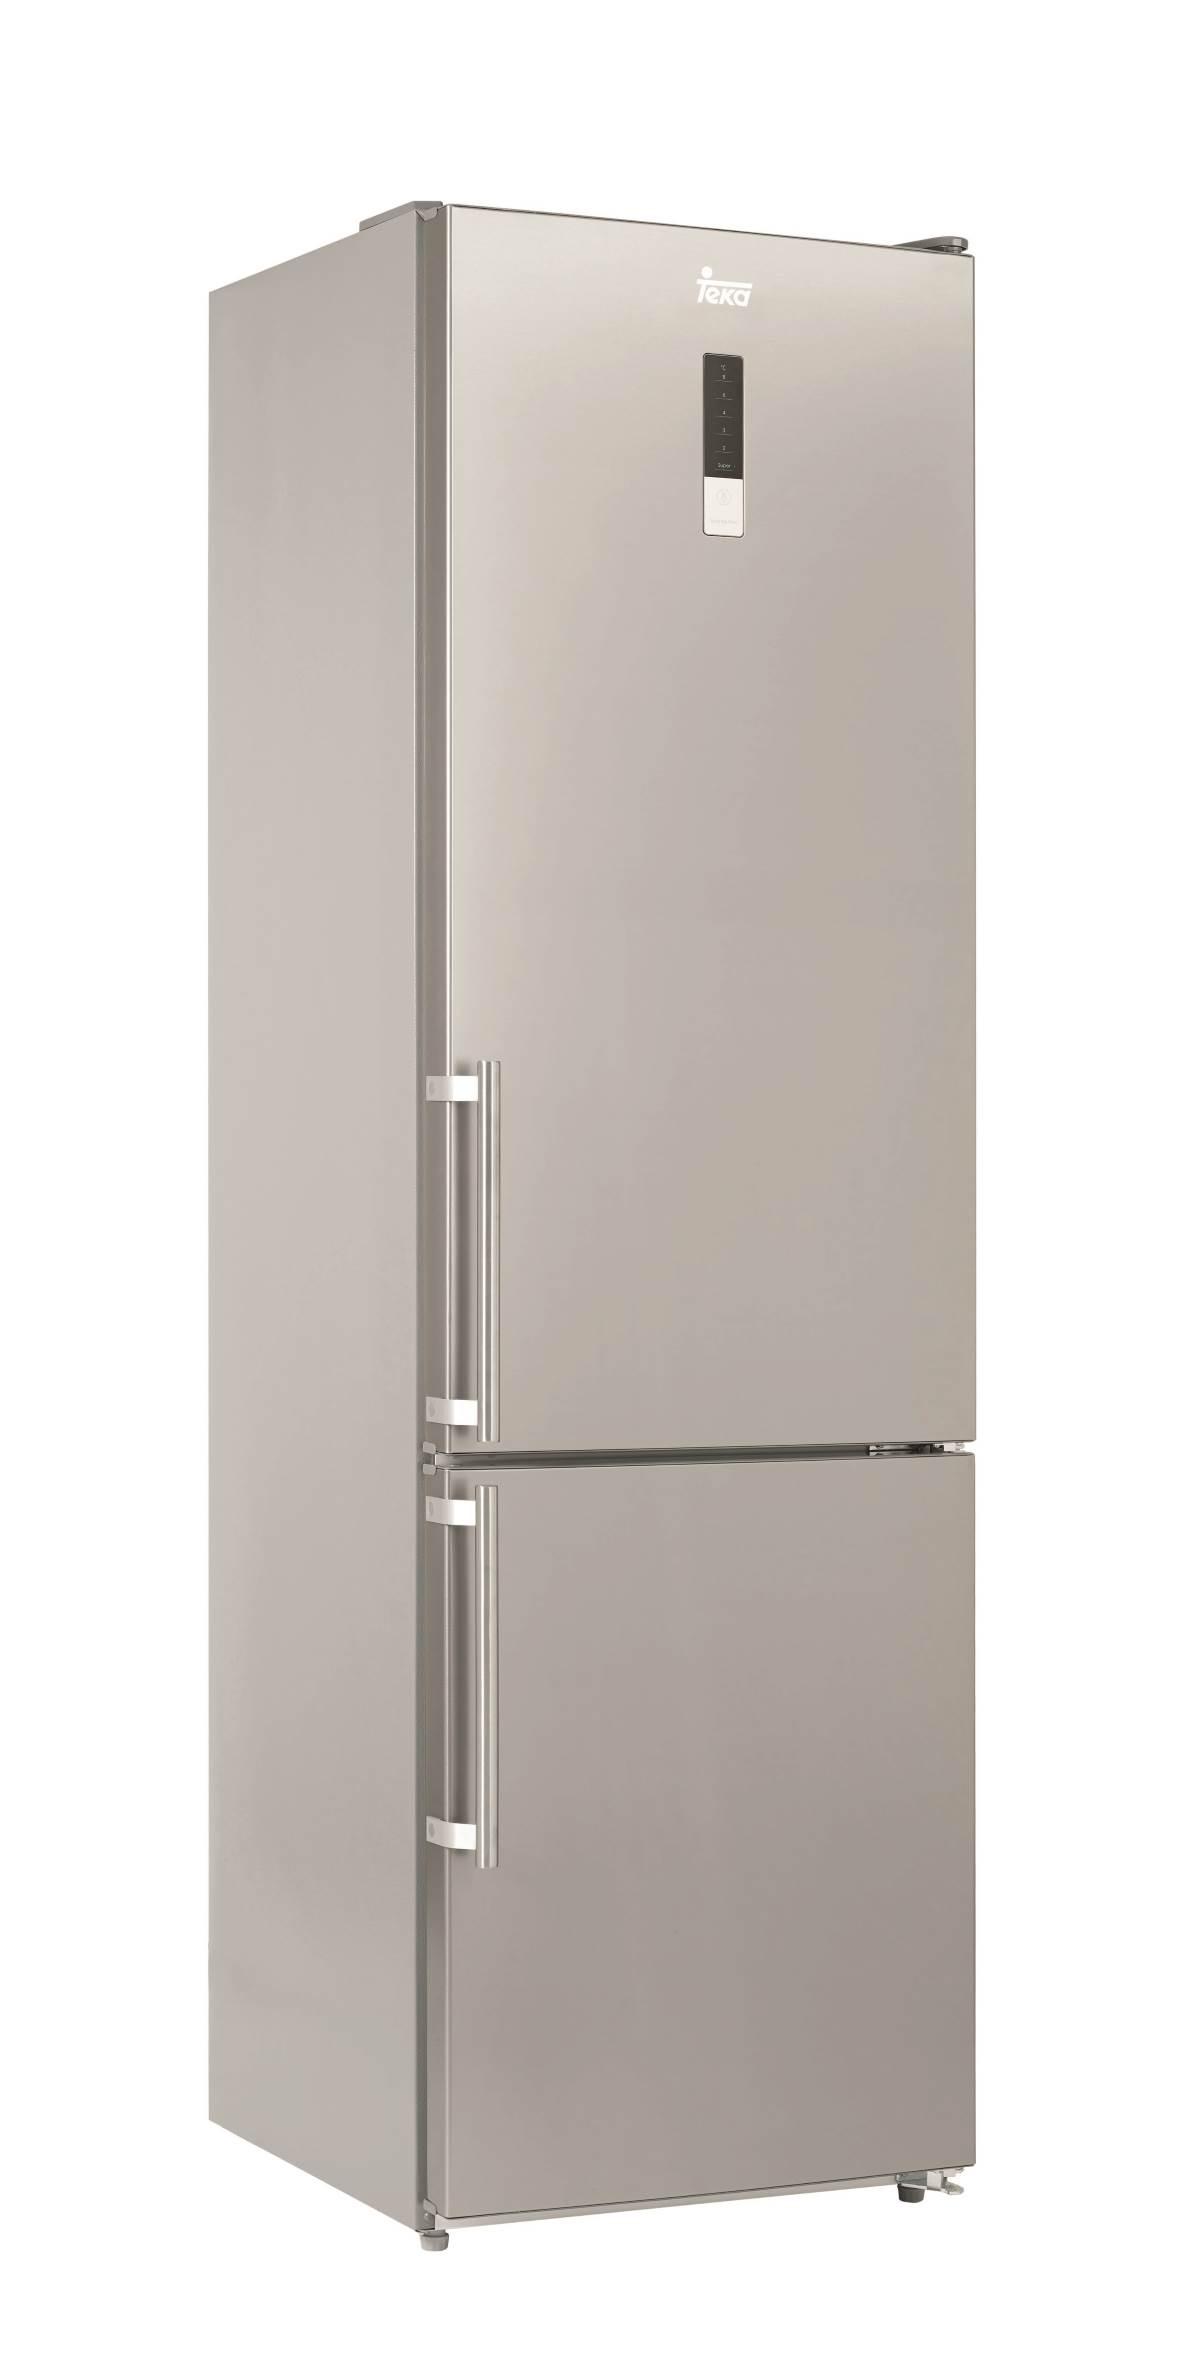 Combina frigorifica Teka NFL 430 E-inox Full No Frost 360 litri clasa A++ inox